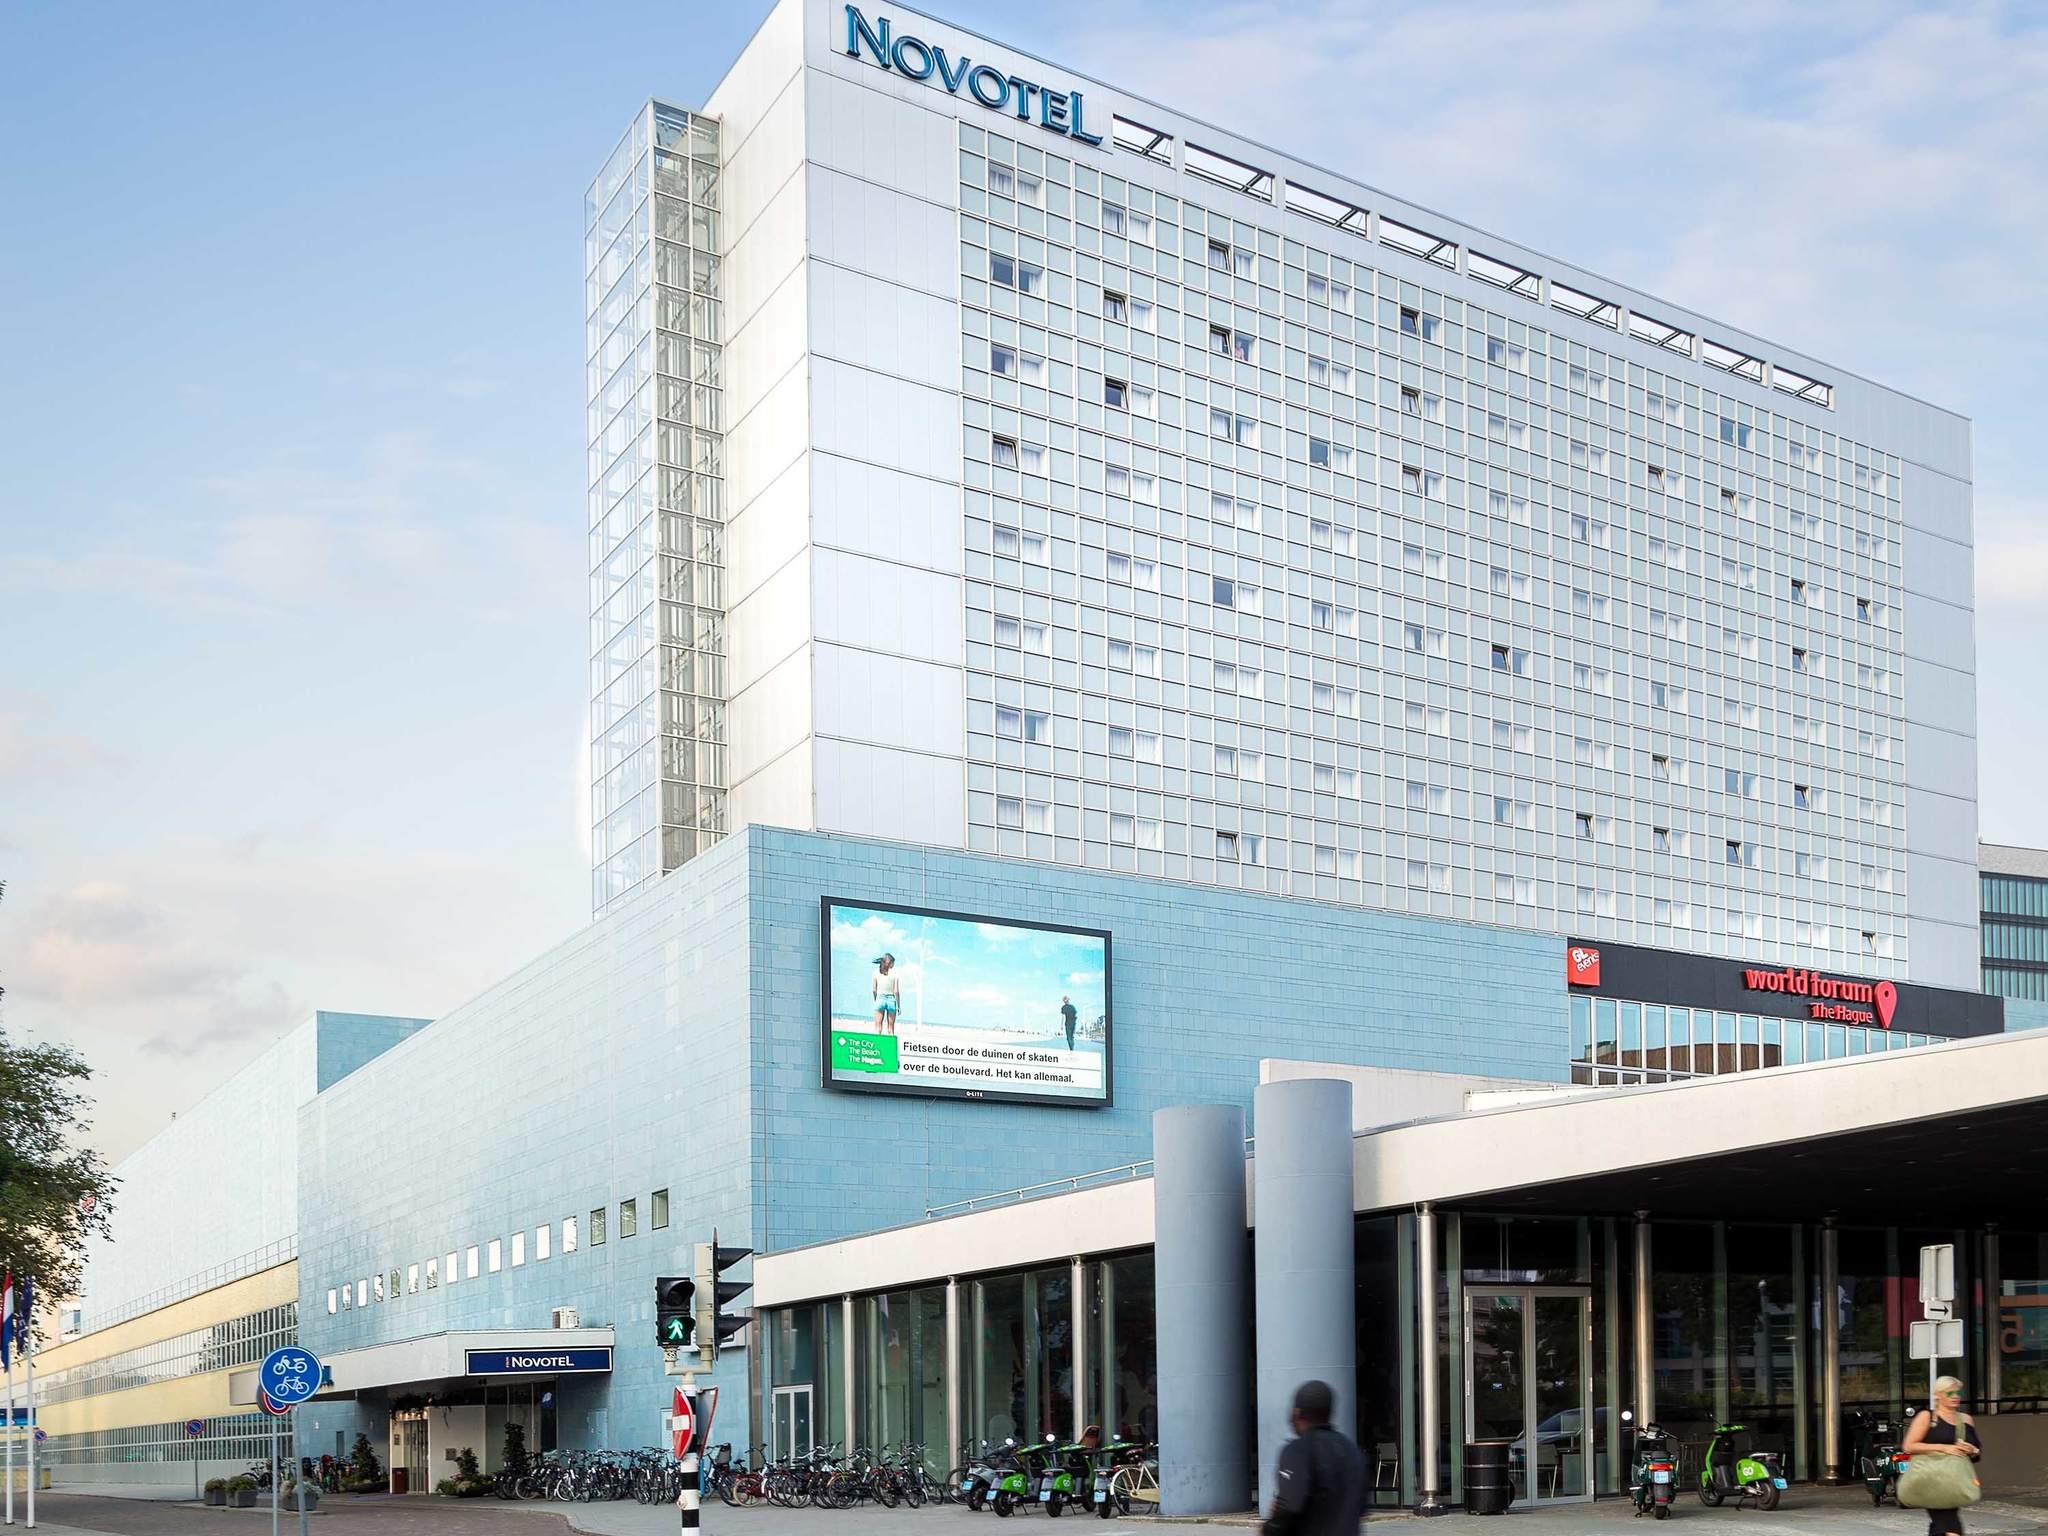 Hotell – Novotel Den Haag World Forum